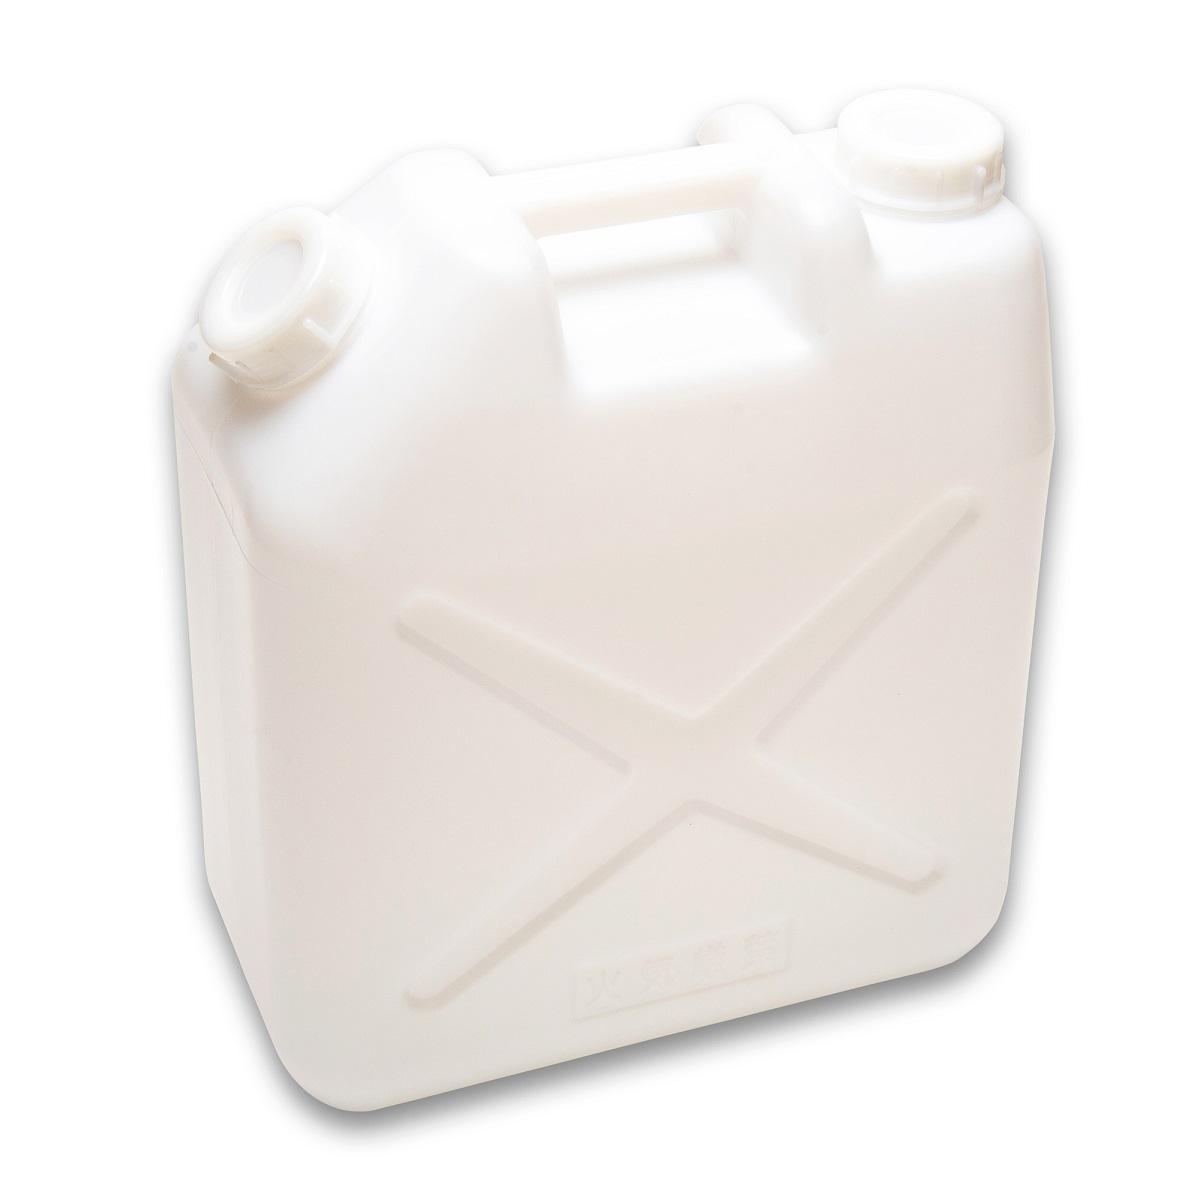 ※ノズル無し 便利なポリ缶 用途は様々 貯水 レジャーなど容量20Lで大活躍 4個まで送料は1個口 4個以上ご購入の場合は5個セット 10個セットをご用意しております ポリタンク 水タンク 日本未発売 低価格化 白 レジャー 20L ポリ缶 水缶 ノズル無し